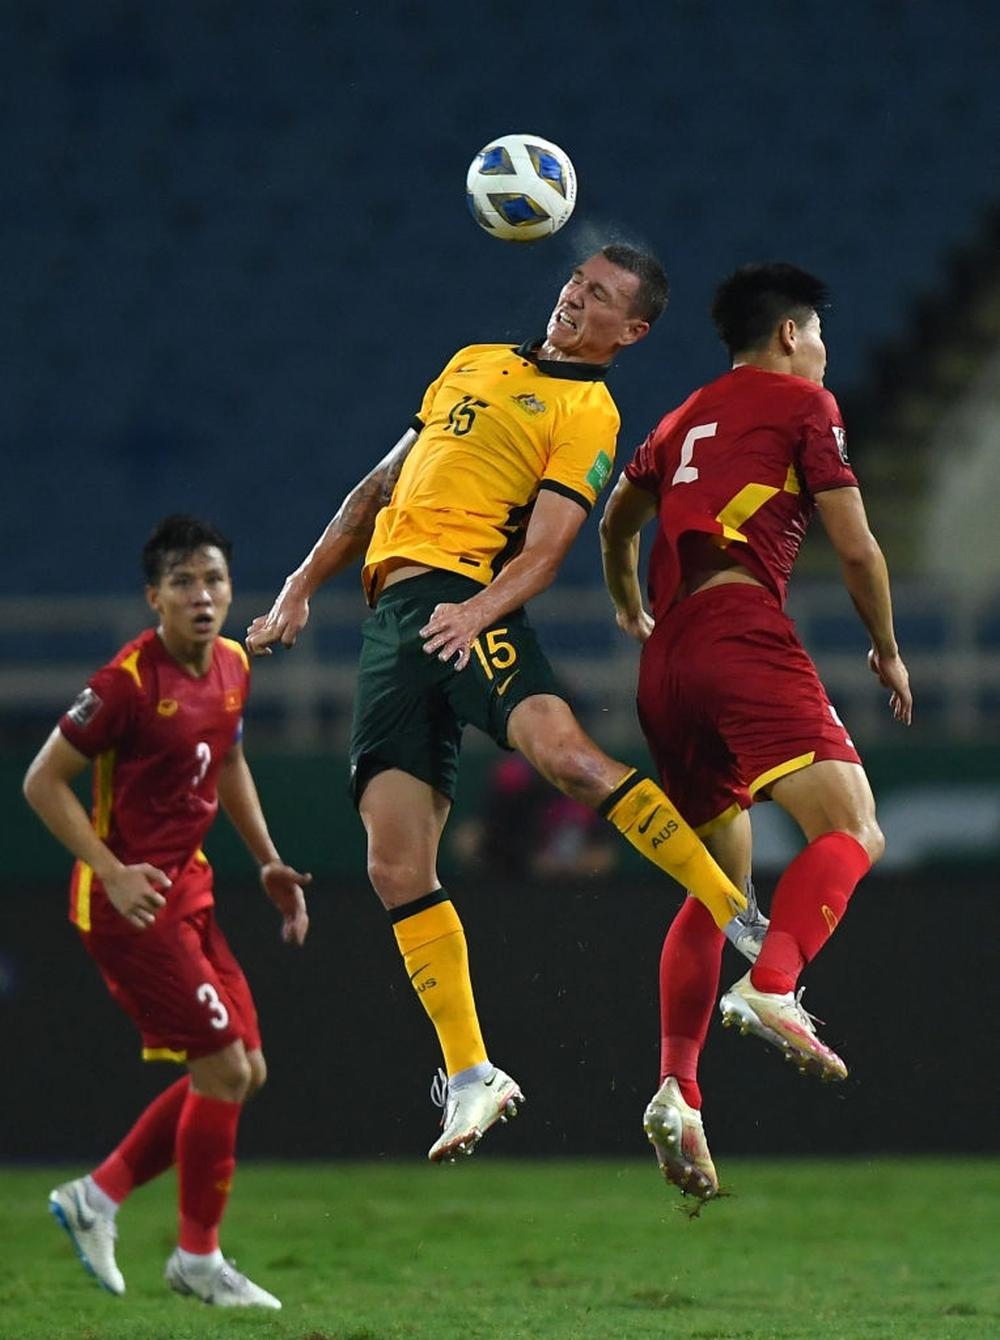 Tố tuyển Việt Nam đá xấu, báo Trung Quốc dạy đời cách đánh bại thầy trò HLV Park Hang-seo - Ảnh 2.